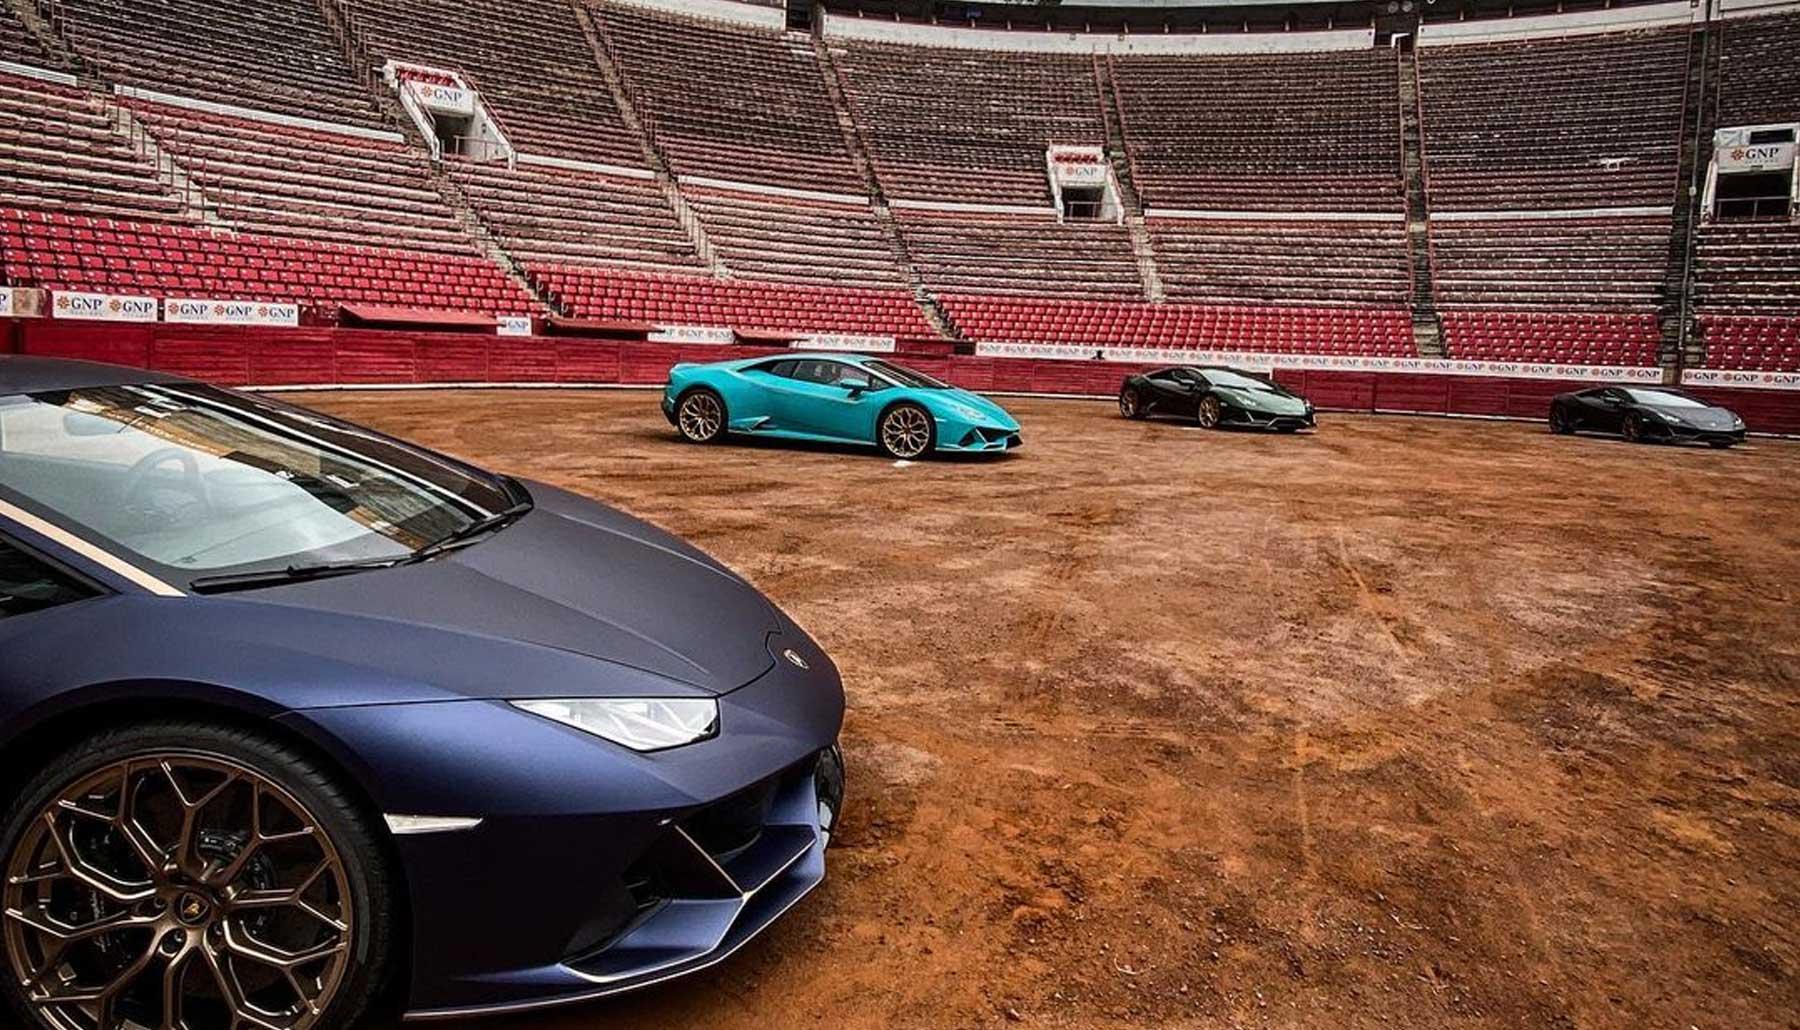 Lamborghini celebra su décimo aniversario con cuatro nuevas ediciones del Huracán Evo